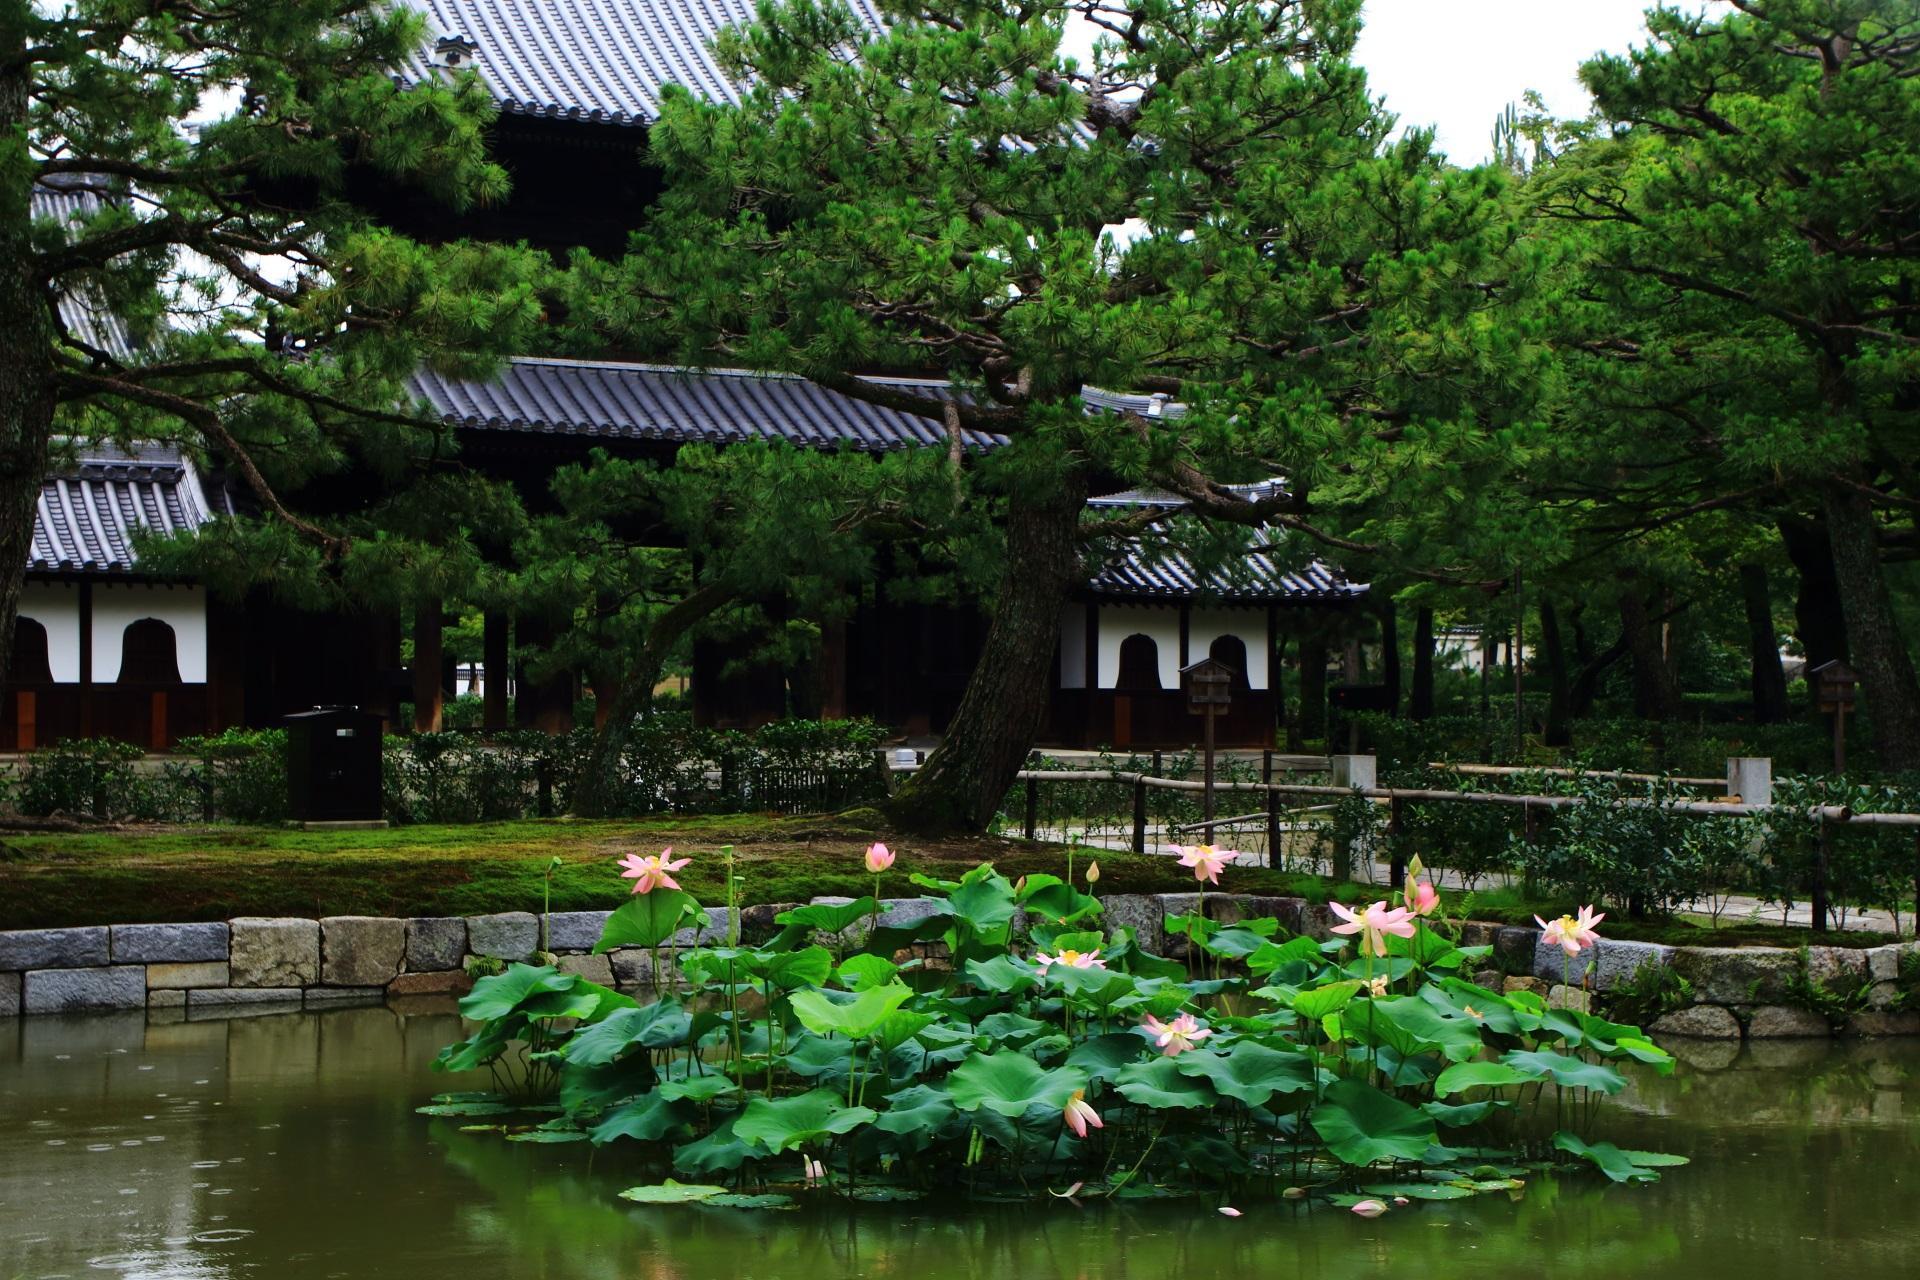 建仁寺の雄大な三門を背景にした蓮池と蓮の花